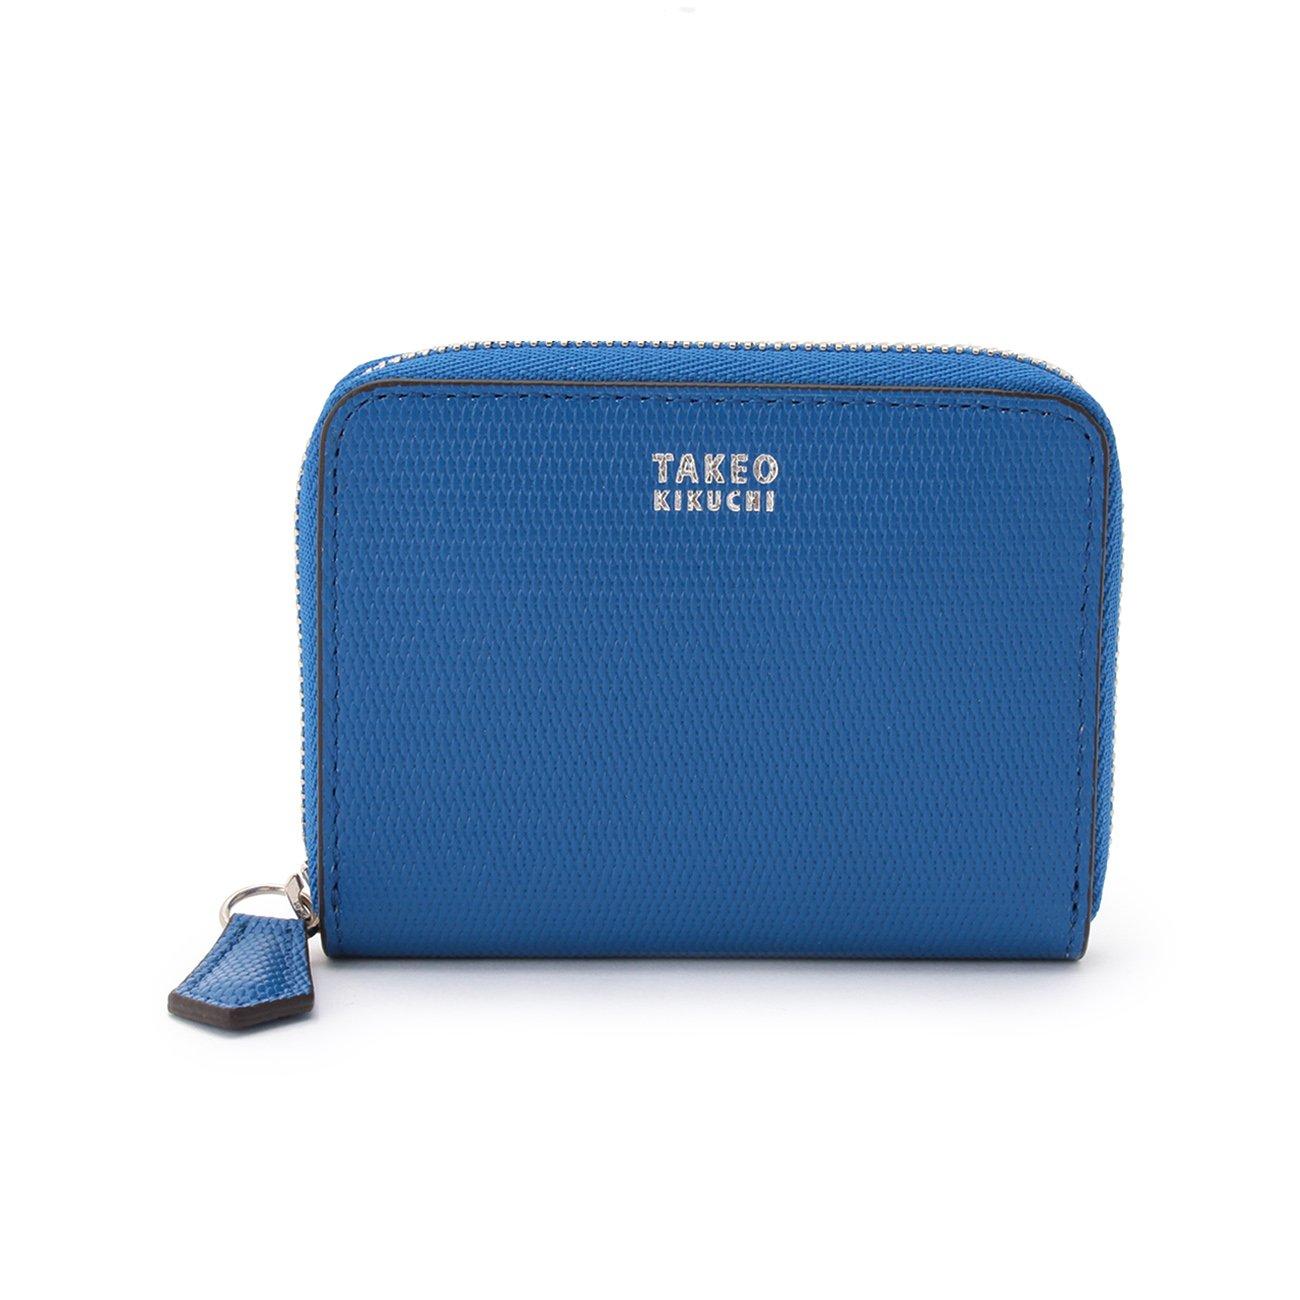 (タケオキクチ) TAKEO KIKUCHI ミニメッシュコインケース 07001525 B071F1YMXW ブルー(591) ブルー(591)